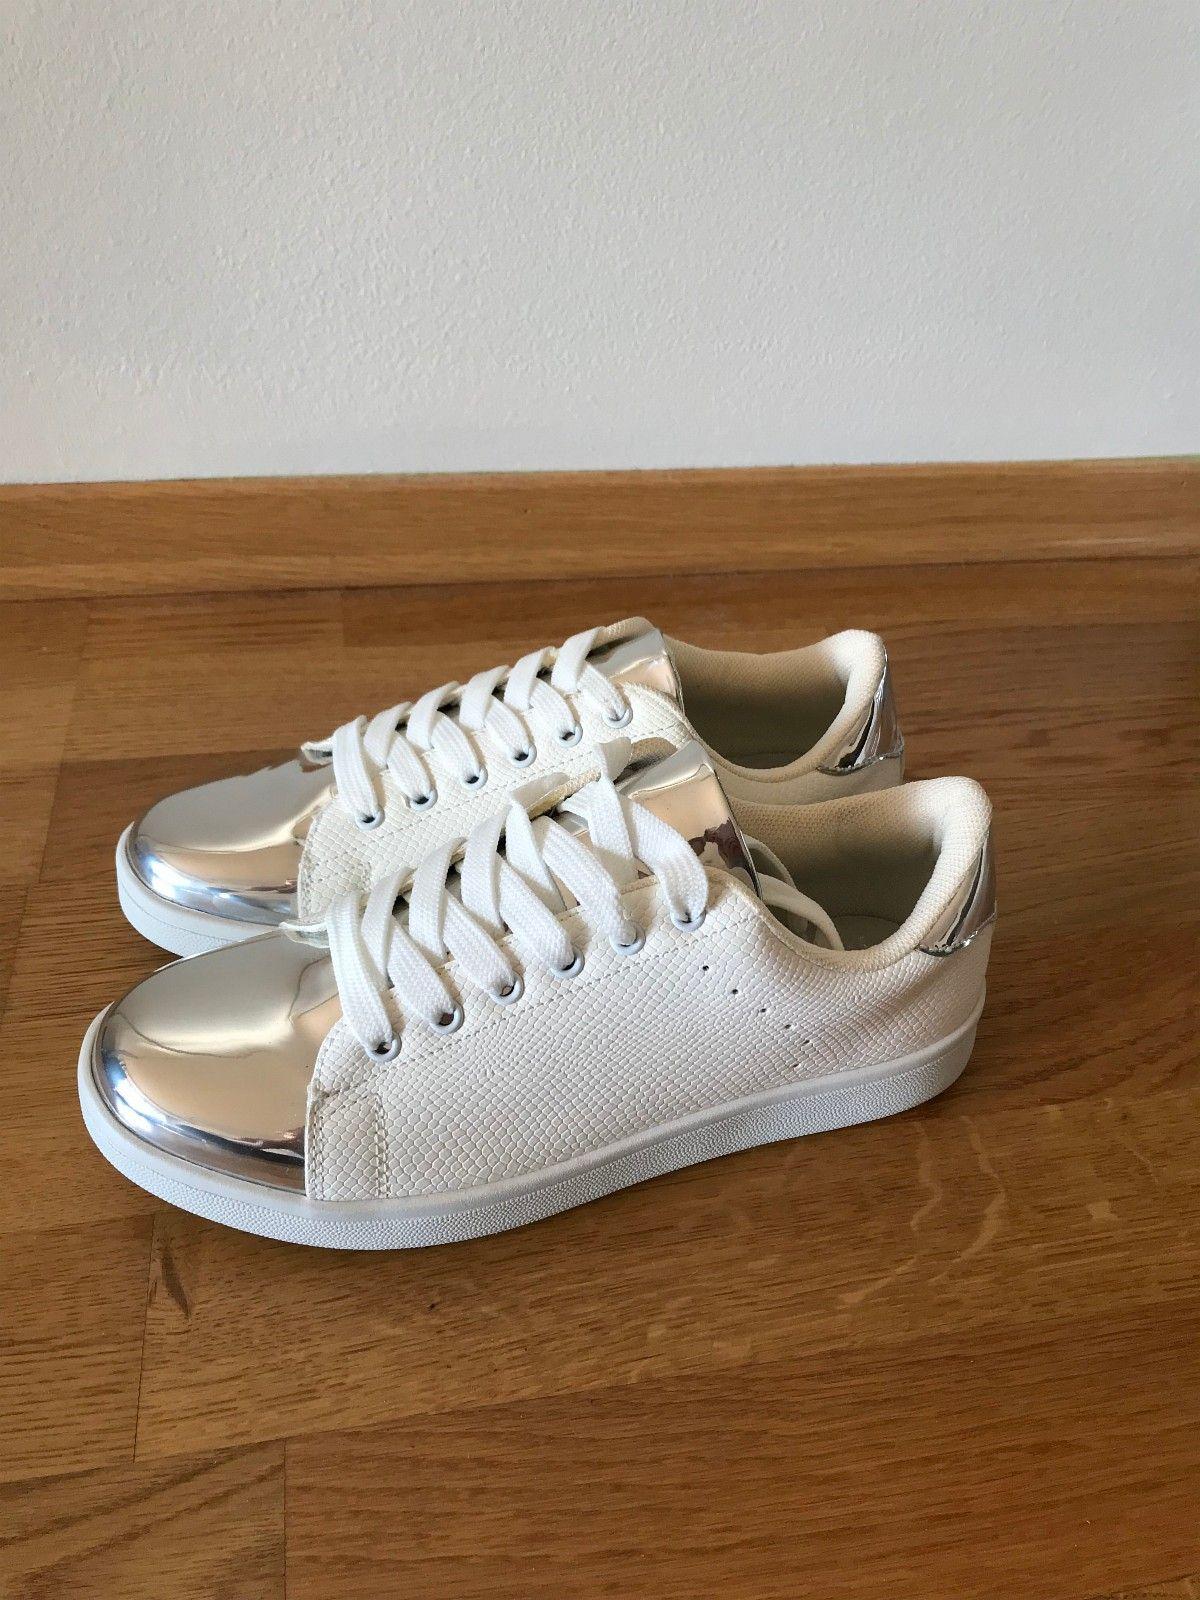 3d125276 Nye hvite sneakers med sølv detaljer str 37   FINN.no